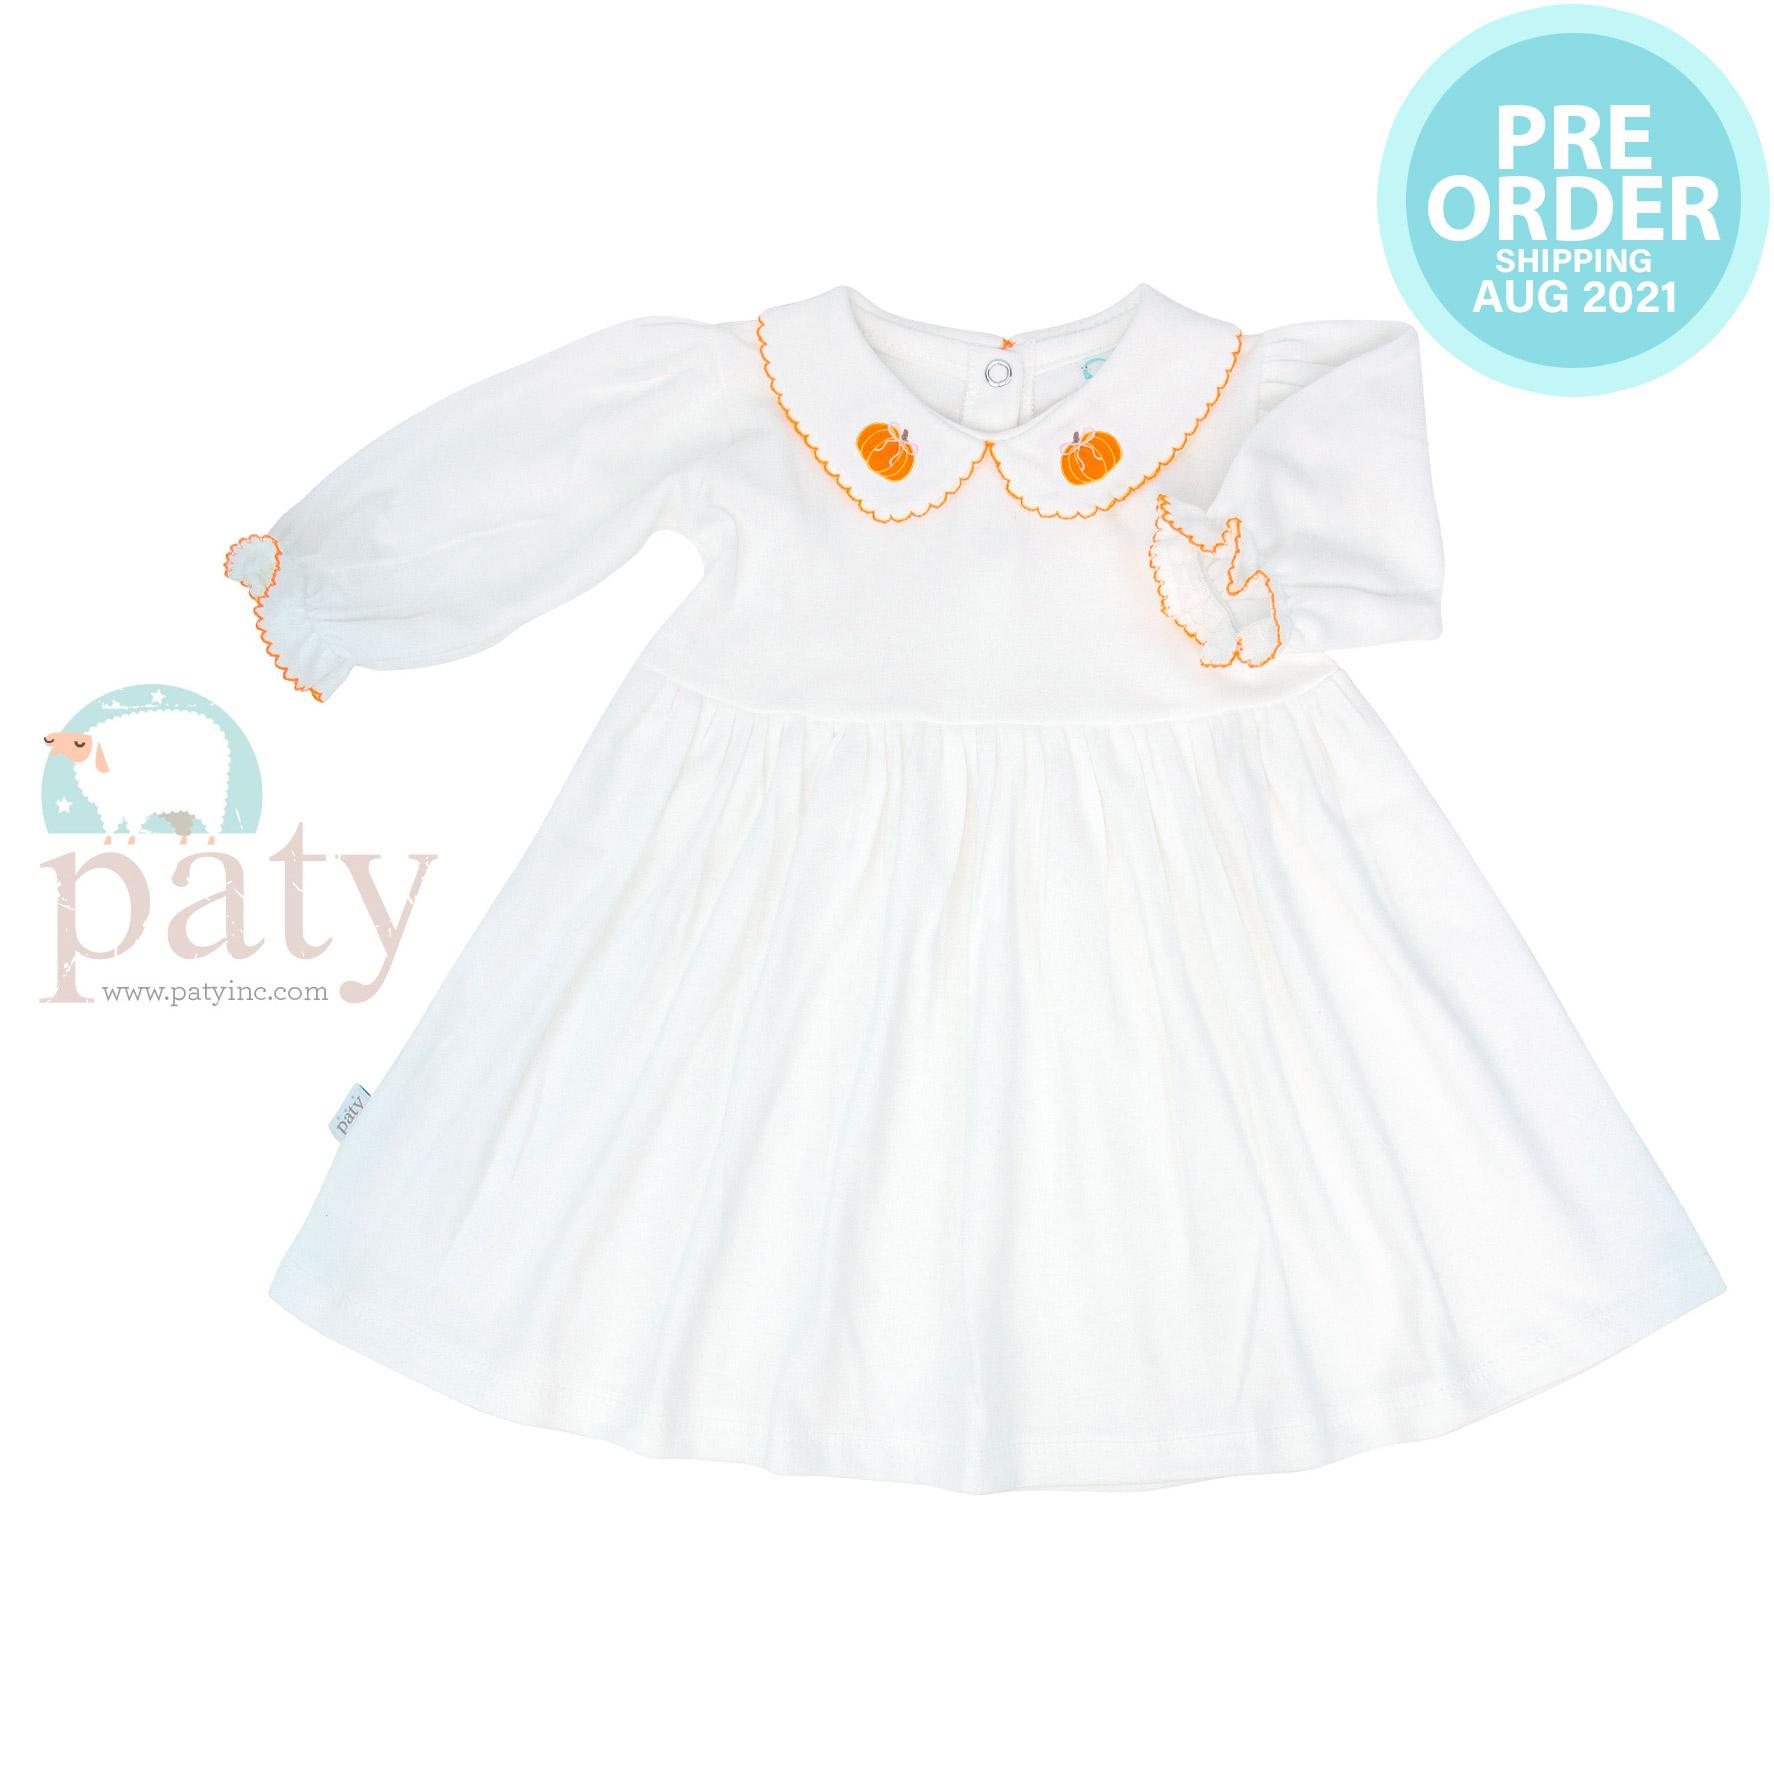 Preorder LS Pima Dress w/ Pumpkin Embroidery